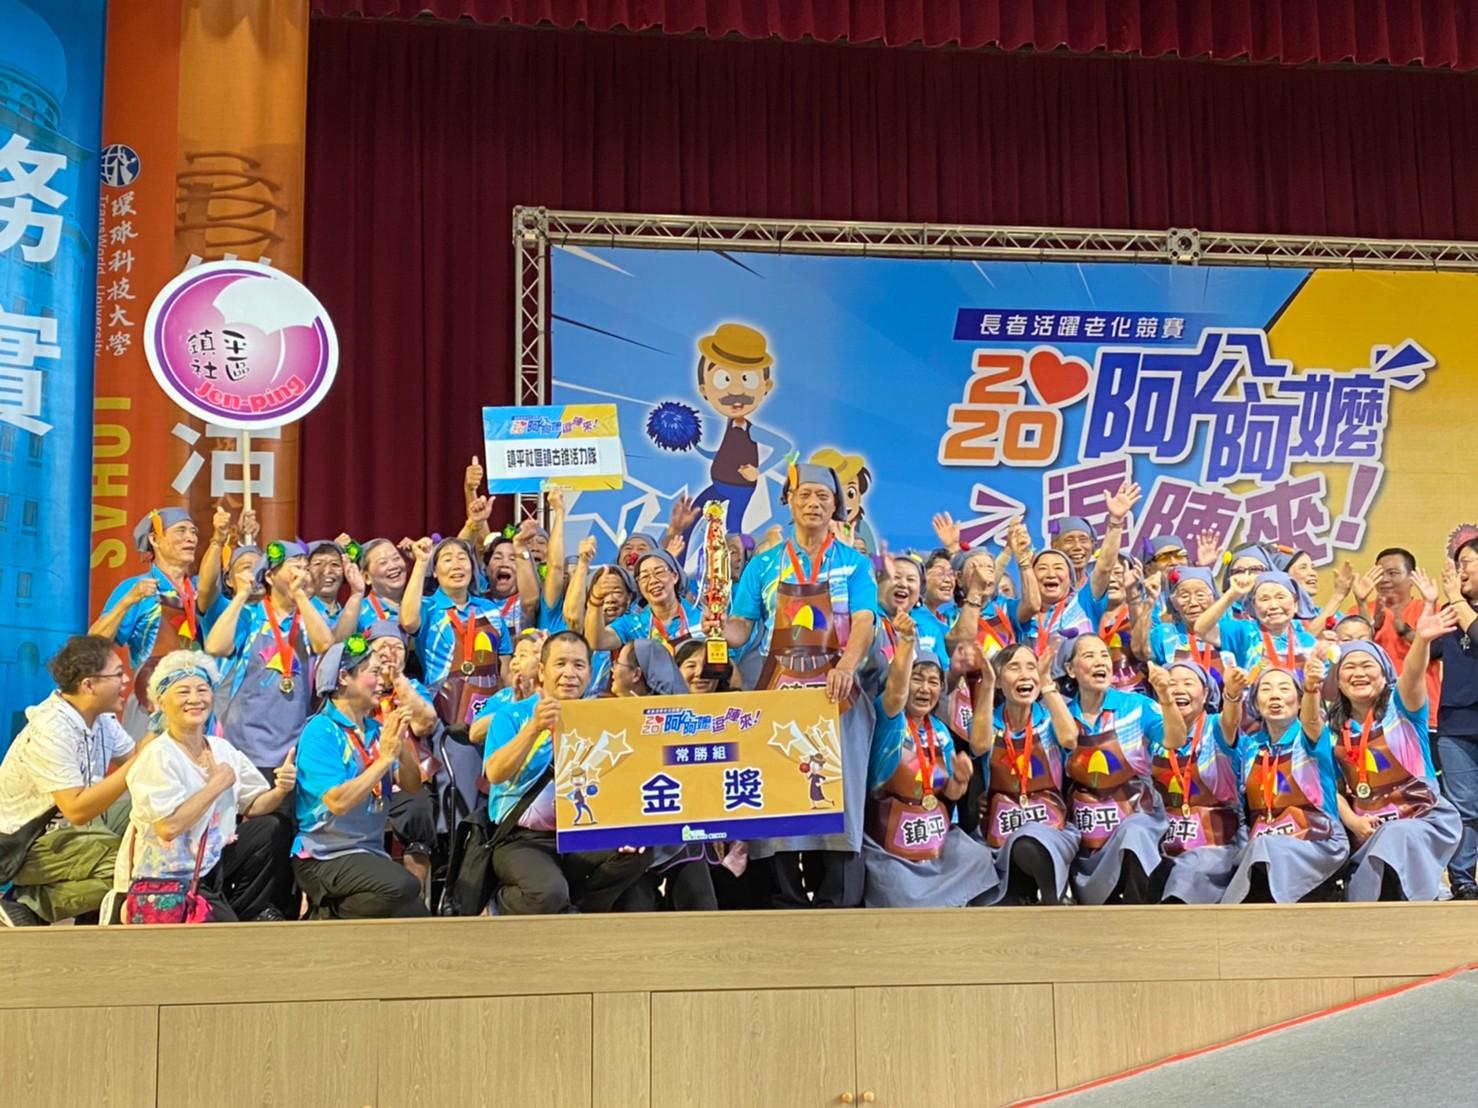 恭賀!和美鎮鎮平社區勇奪「2020阿公阿嬤逗陣來-中區競賽常勝組第一名!!」